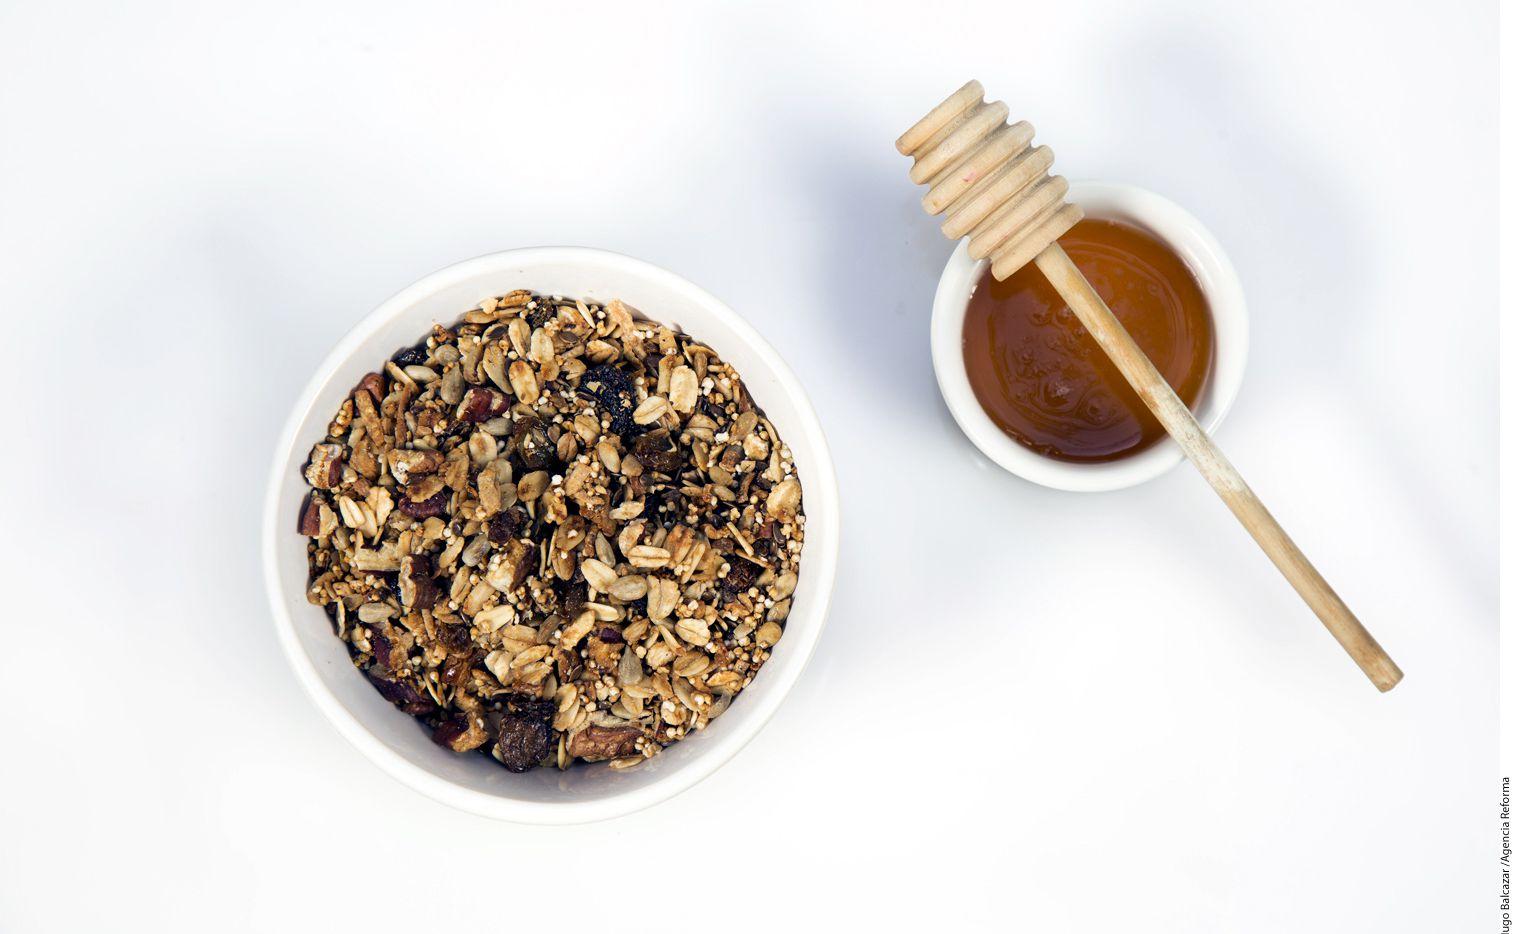 Para preparar granola con miel se necesitan 50 gramos de miel, un plátano macho machacado, 100 gramos de avena, 100 gramos de nuez y una taza de linaza./ AGENCIA REFORMA